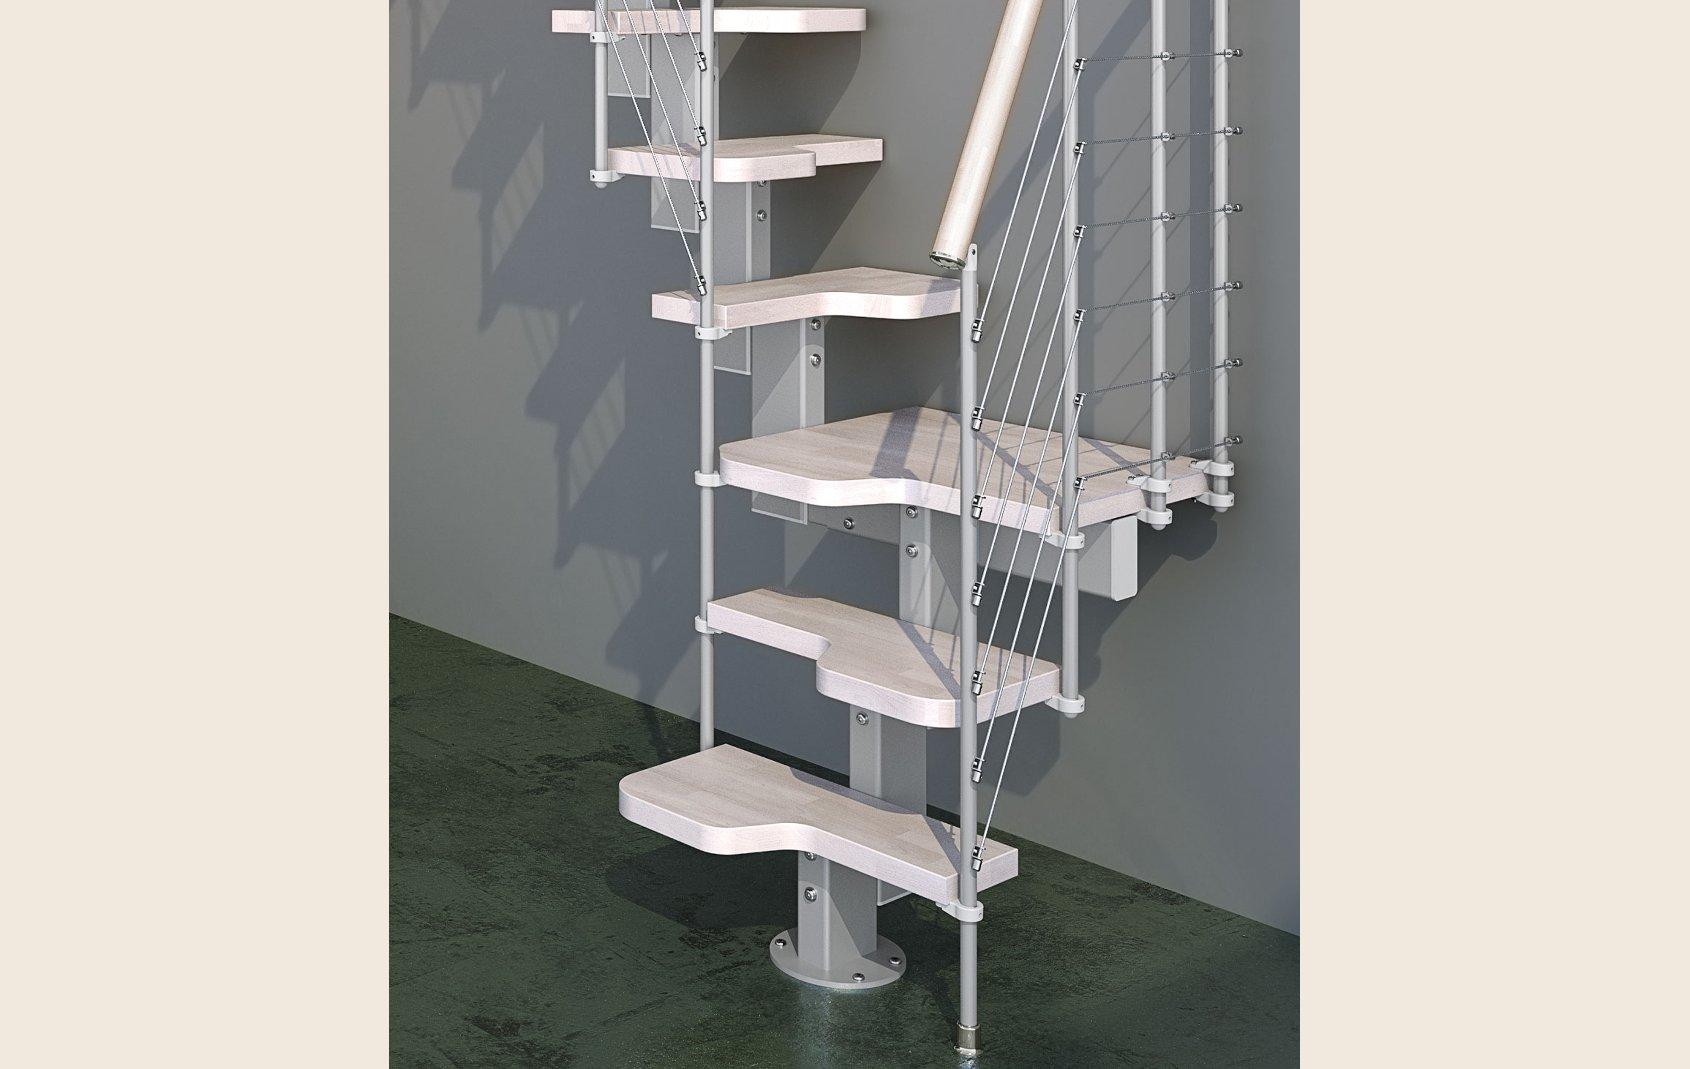 Soppalco In Legno Per Esterno ᐅ dixi - dixi | scale per soppalchi in legno. la scala per